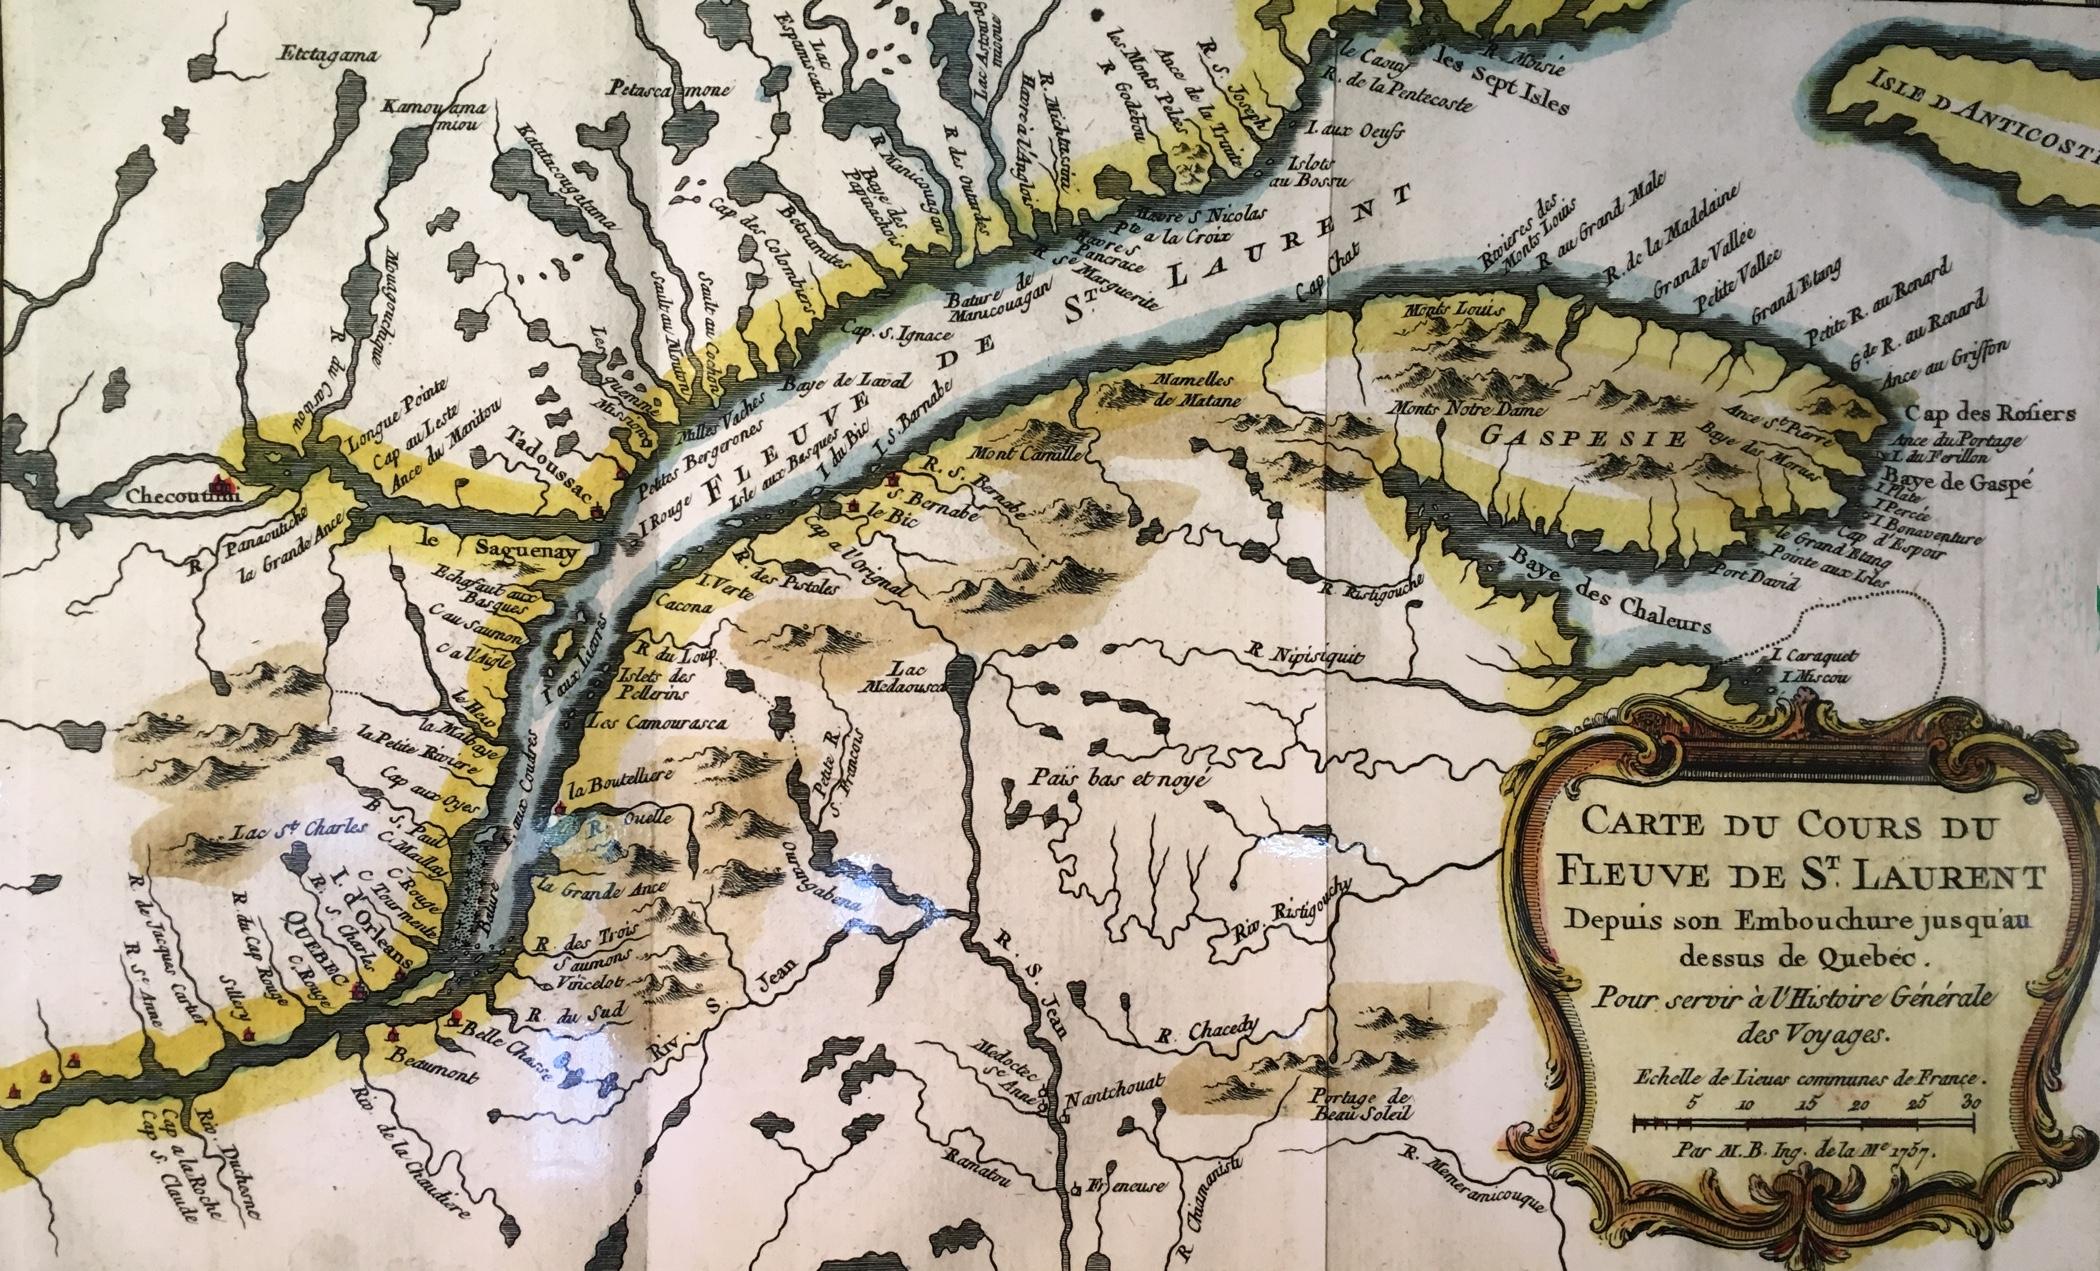 Photo couleur d'une carte géographique représentant le golfe du Saint-Laurent aux abords de la Gaspésie, s'étendant jusqu'à la ville de Québec. En bordure du fleuve, on aperçoit des terres traversées par des lacs et des rivières de plus petite étendue.